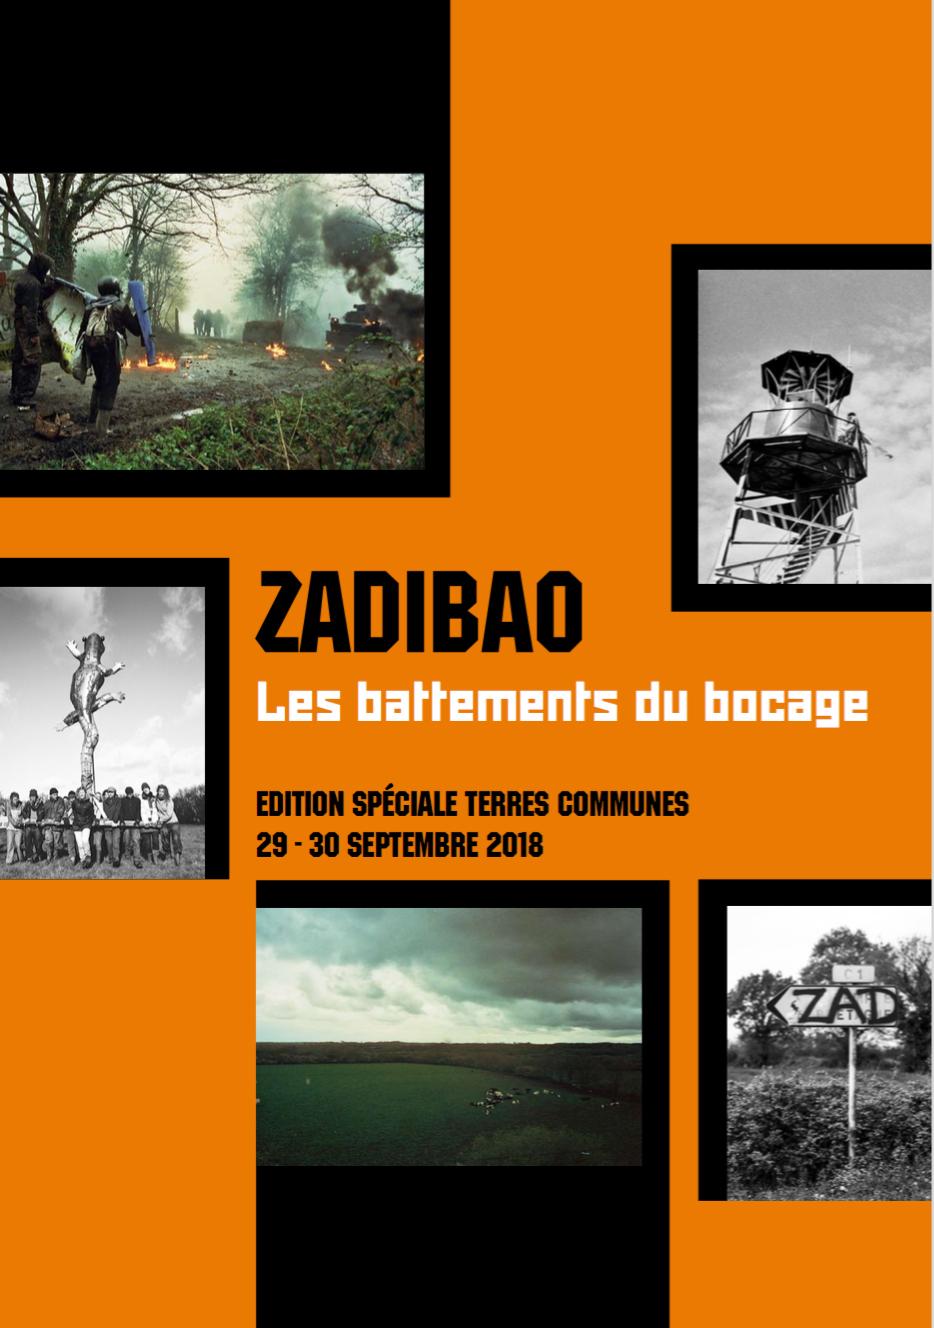 zadibao1